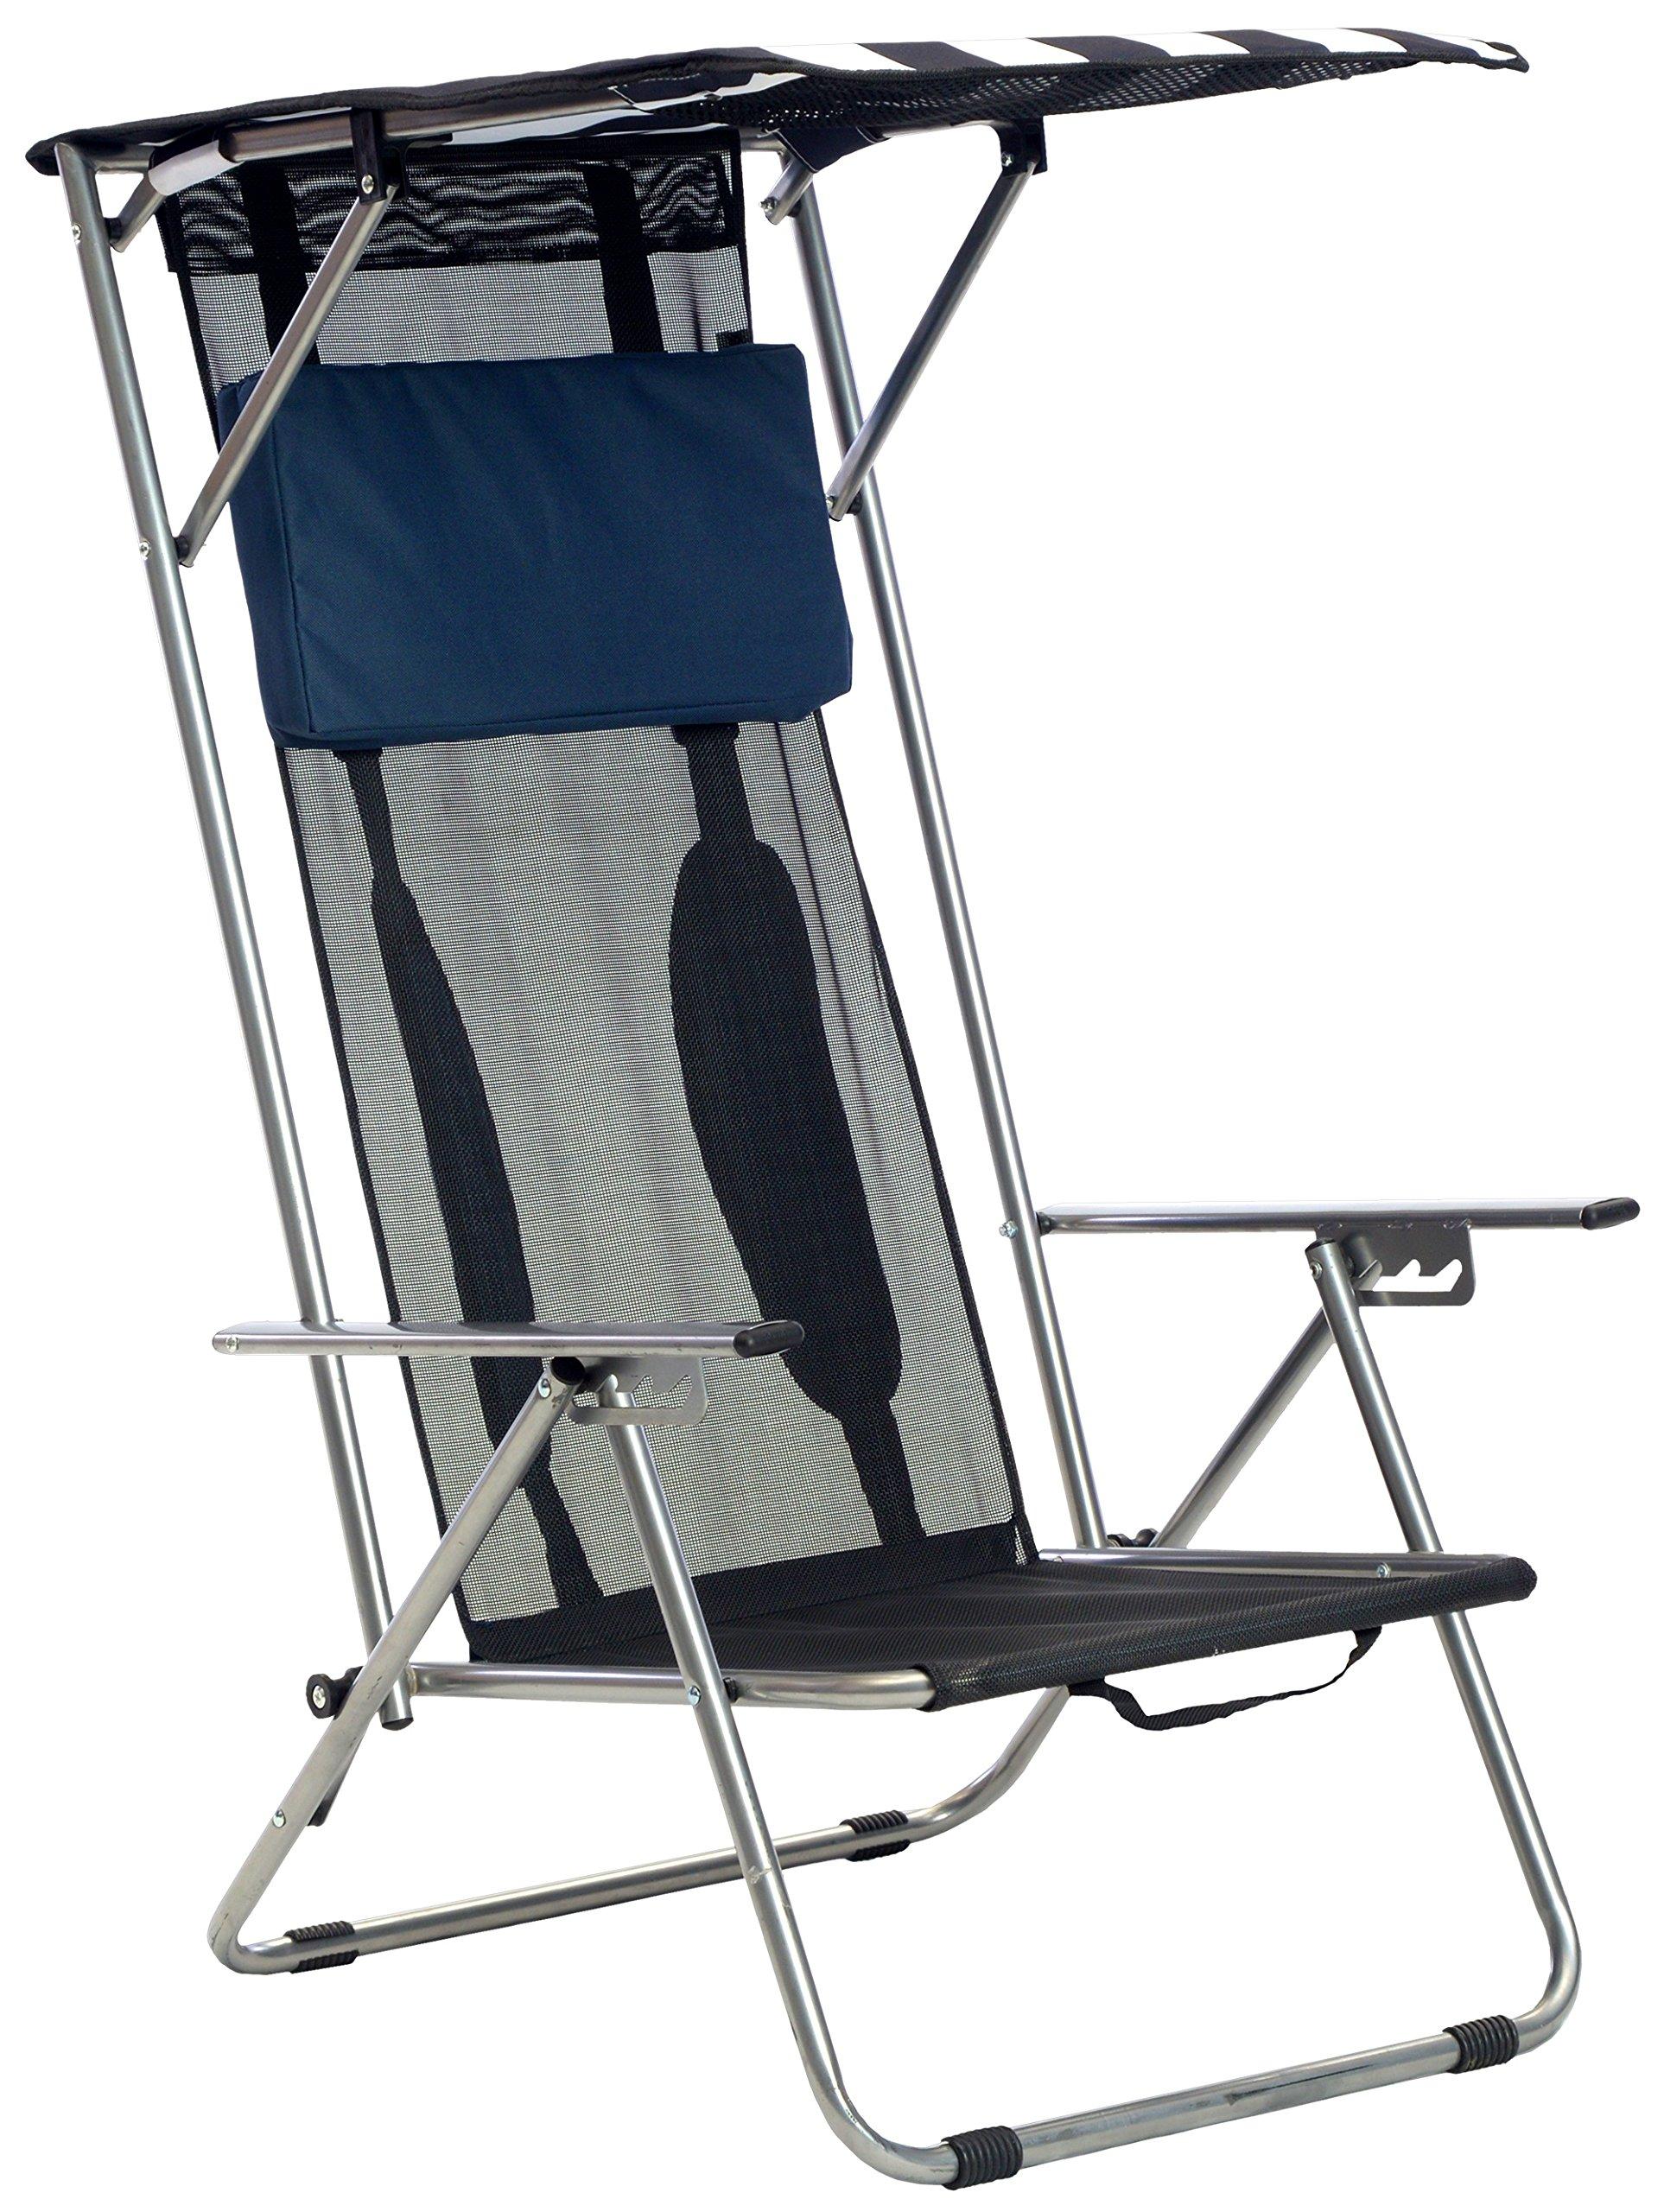 Quik Shade Beach Recliner Shade Chair by Quik Shade